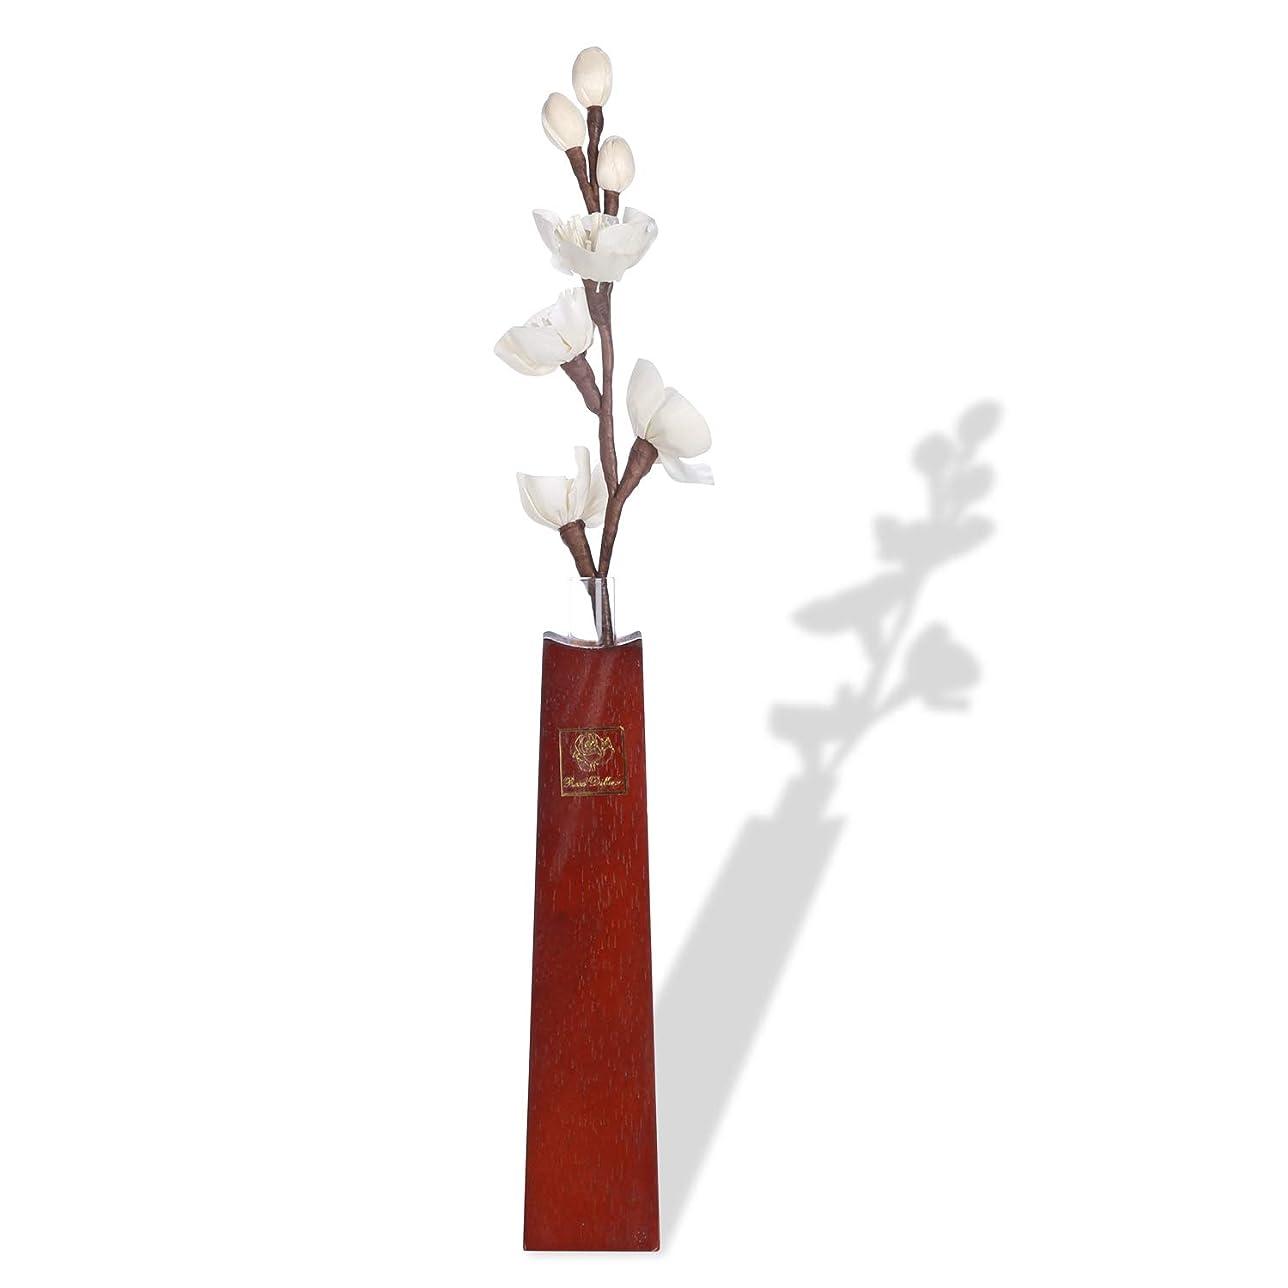 フォーラム打ち負かす急性ルームフレグランス リードディフューザー 和風純木フラワーベース アロマ花瓶 と 一輪挿し紙製造花 (香料を含まない)